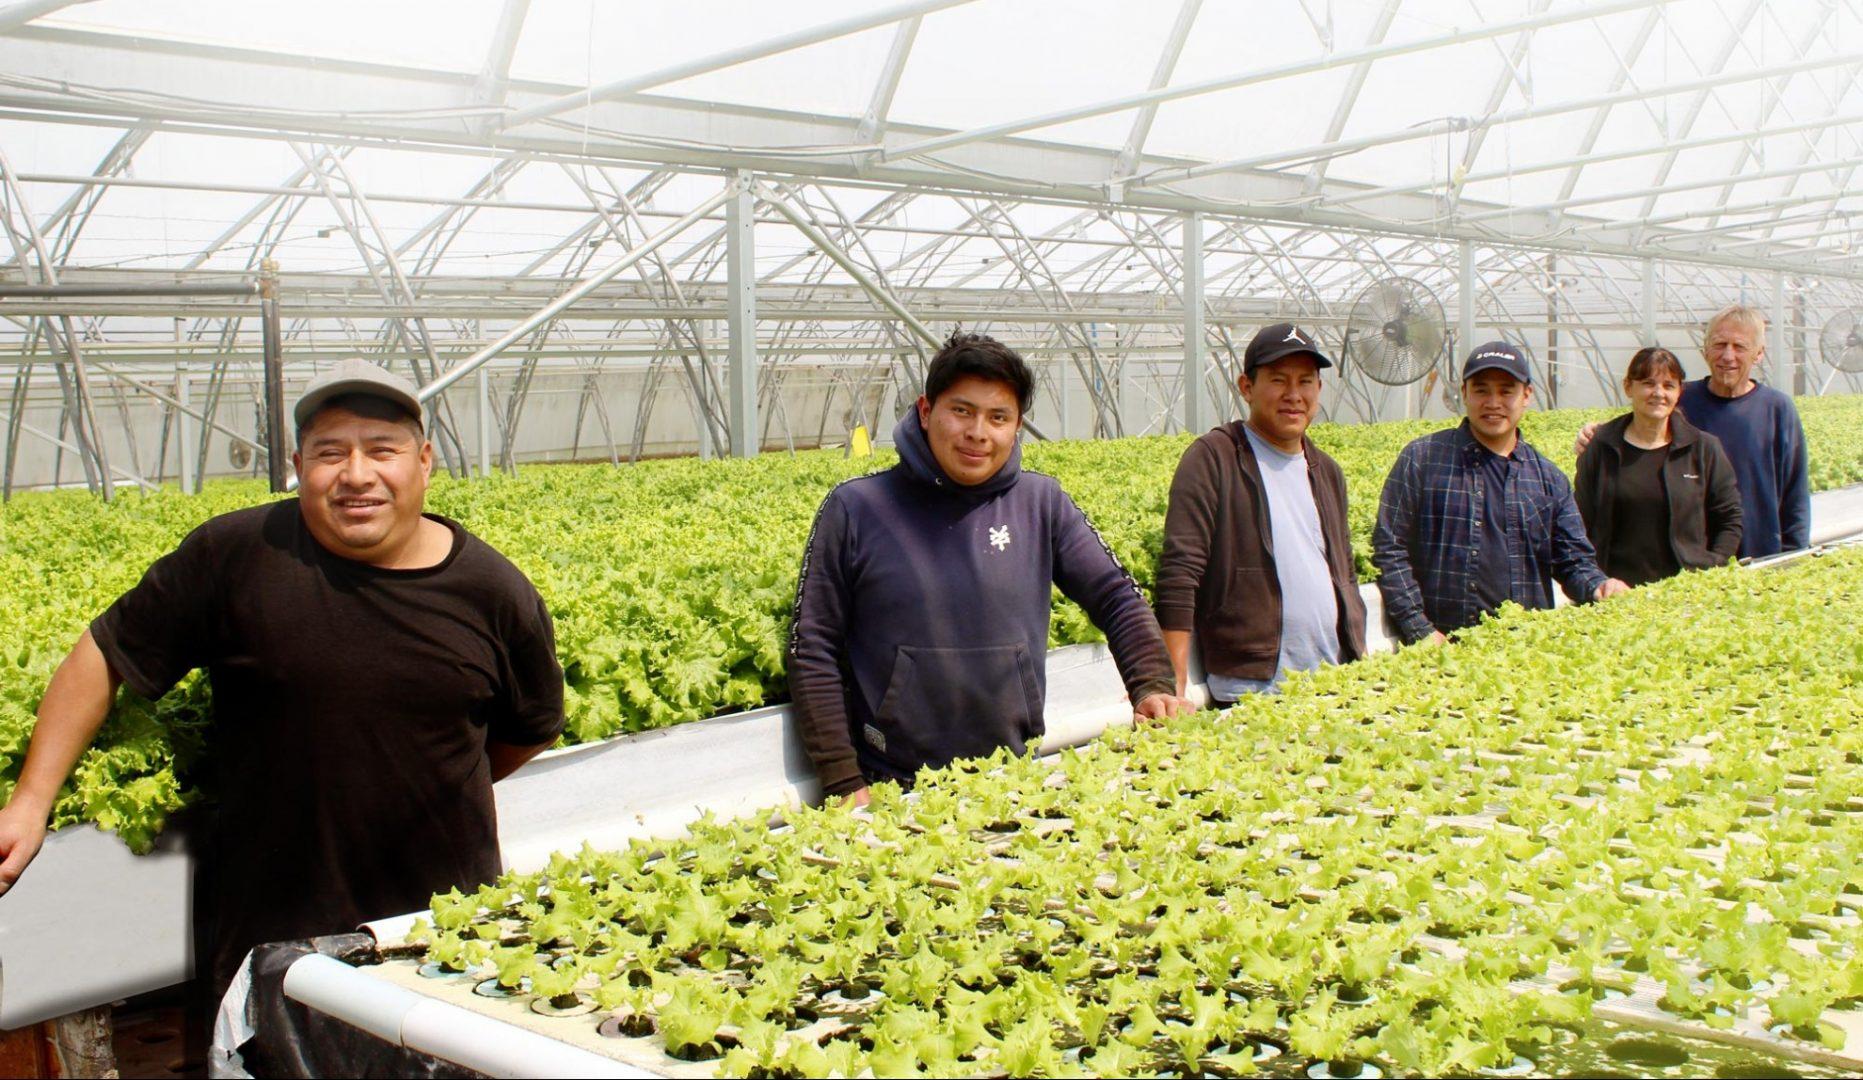 travailleurs étrangers temporaires du Guatemala aux Serres Lamarche de Compton